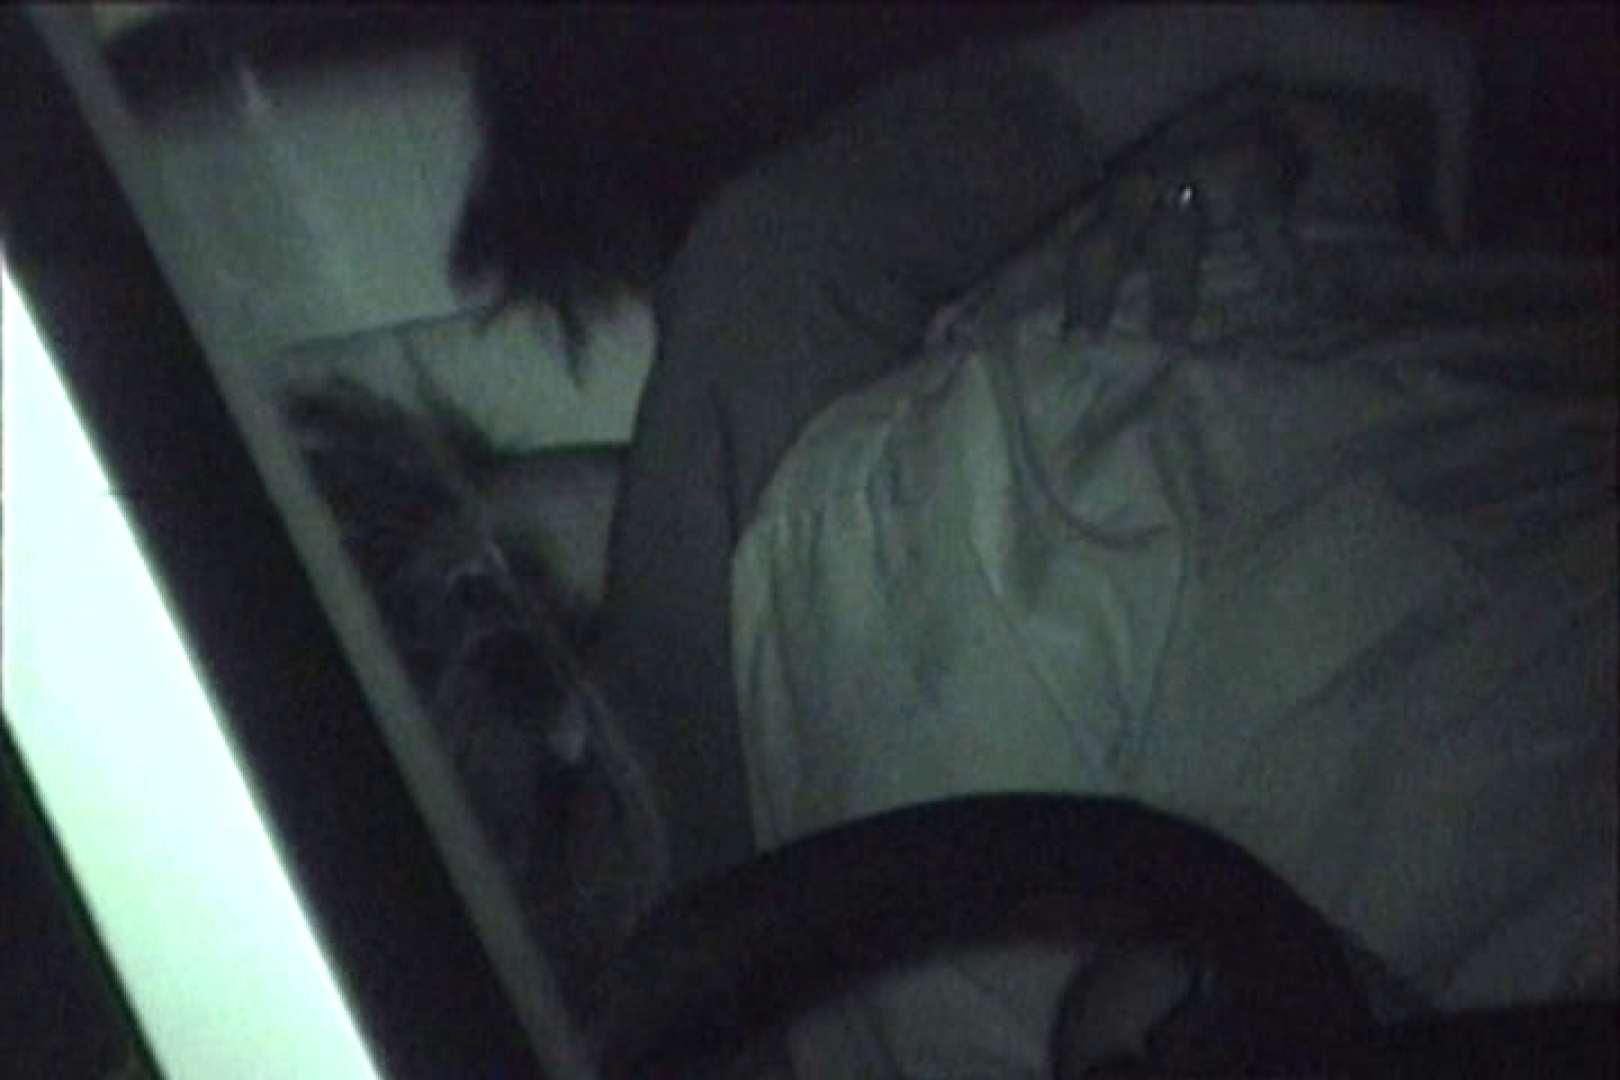 車の中はラブホテル 無修正版  Vol.21 ホテル 盗撮AV動画キャプチャ 109画像 106